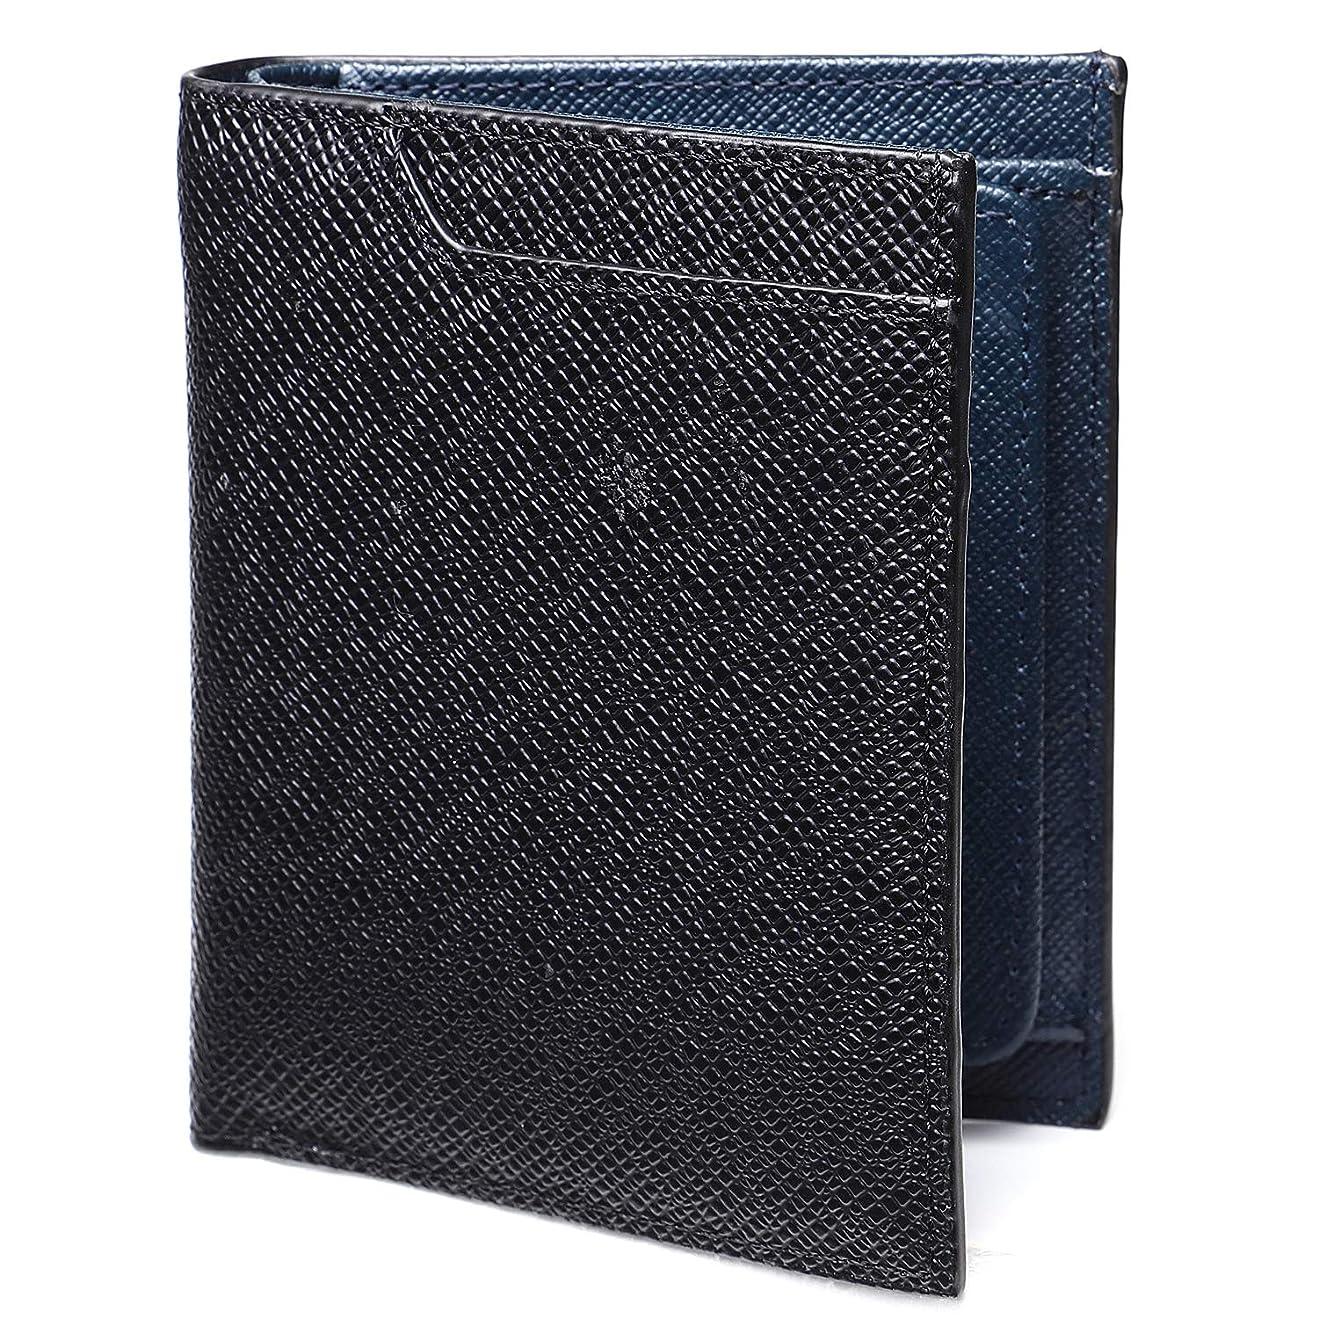 愛人オープナー犯人LYKKERAS 財布 二つ折り財布 ボックス型 小銭入れ付き 薄型 ICカード収納付